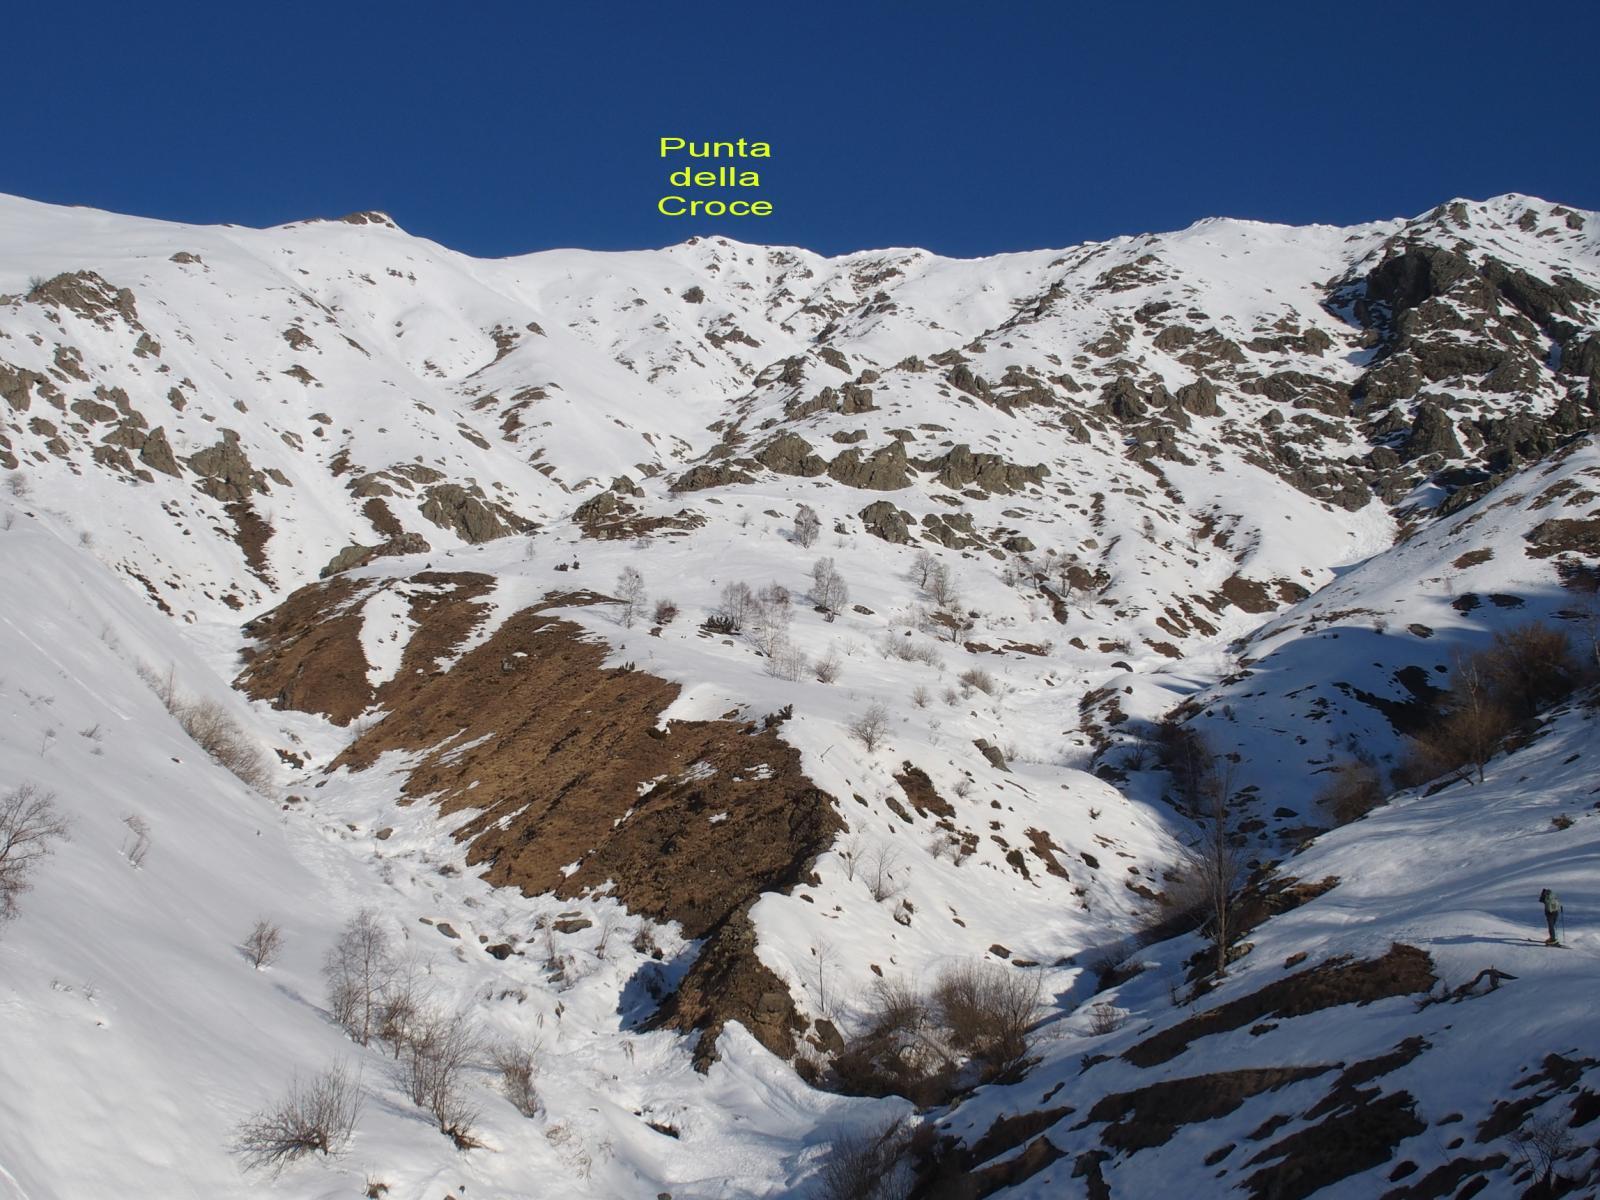 Civrari (Monte, Punta della Croce) Versante E-SE 2014-03-09